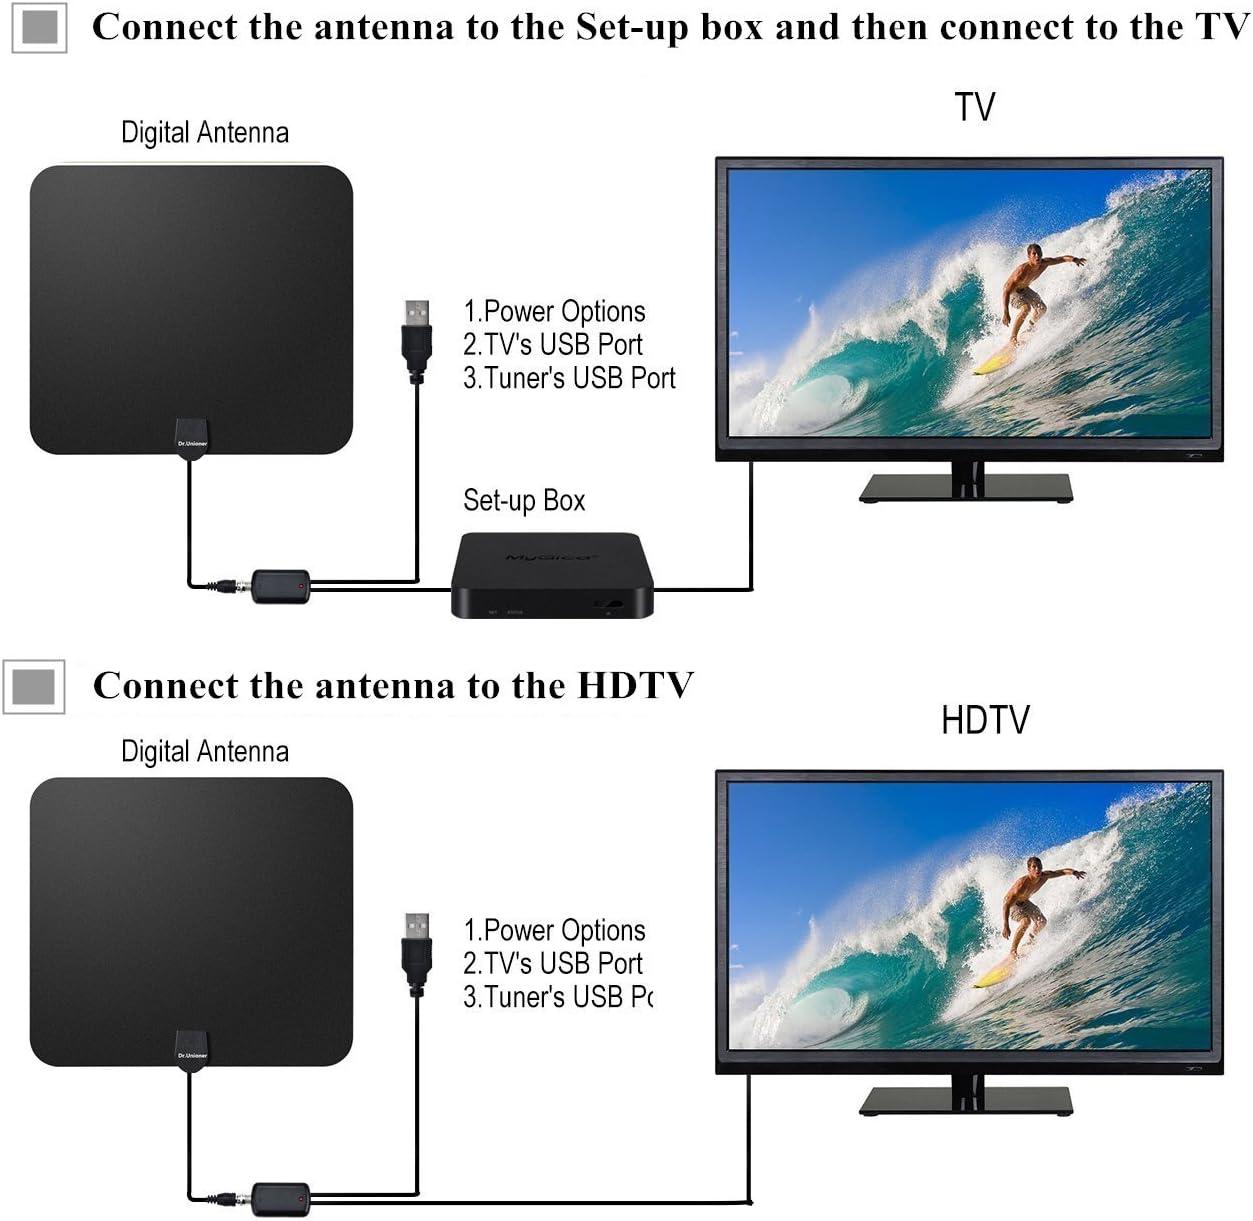 Dr. UNIONER UHF de alta ganancia Mini Digital TV Antena Antena de antena parabólica pequeña: Amazon.es: Electrónica